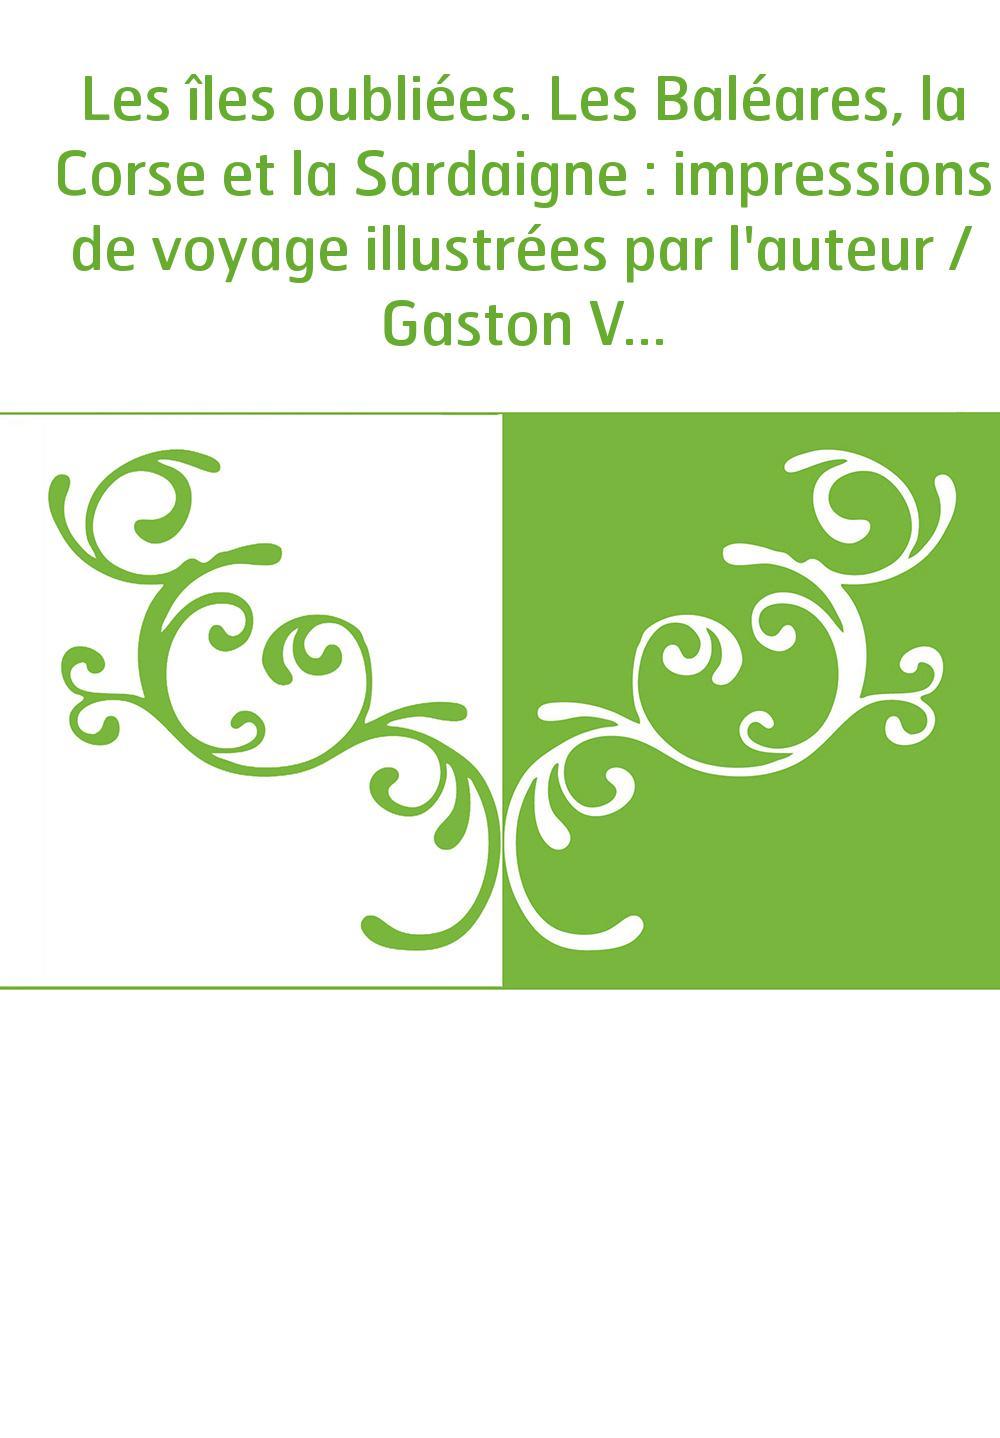 Les îles oubliées. Les Baléares, la Corse et la Sardaigne : impressions de voyage illustrées par l'auteur / Gaston Vuillier